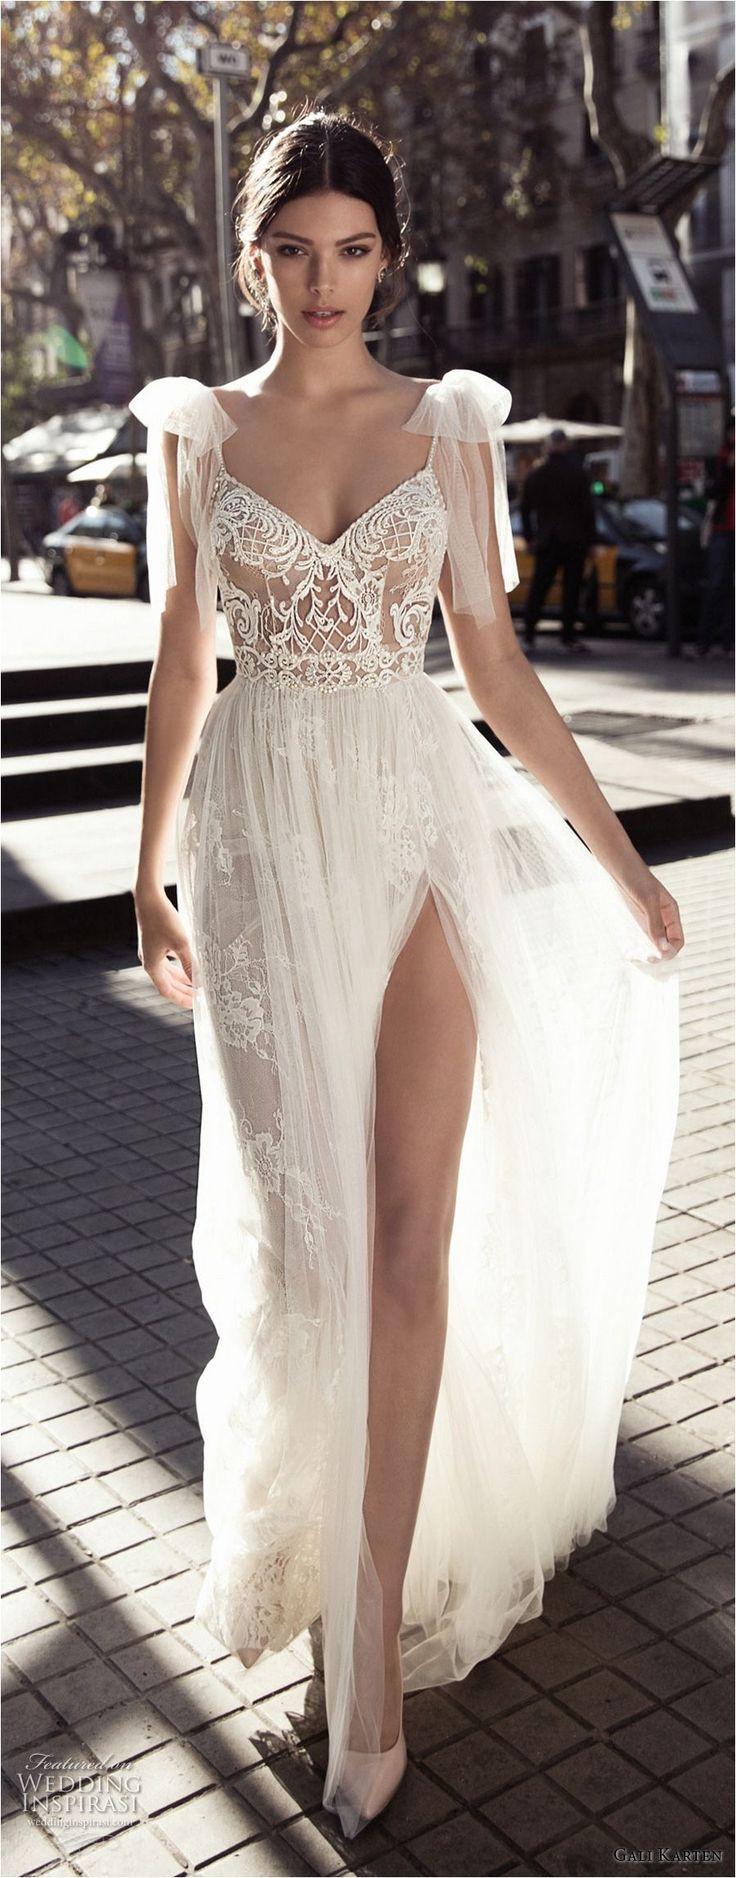 Best 25 wedding lingerie pictures ideas on pinterest for Lingerie for wedding dress